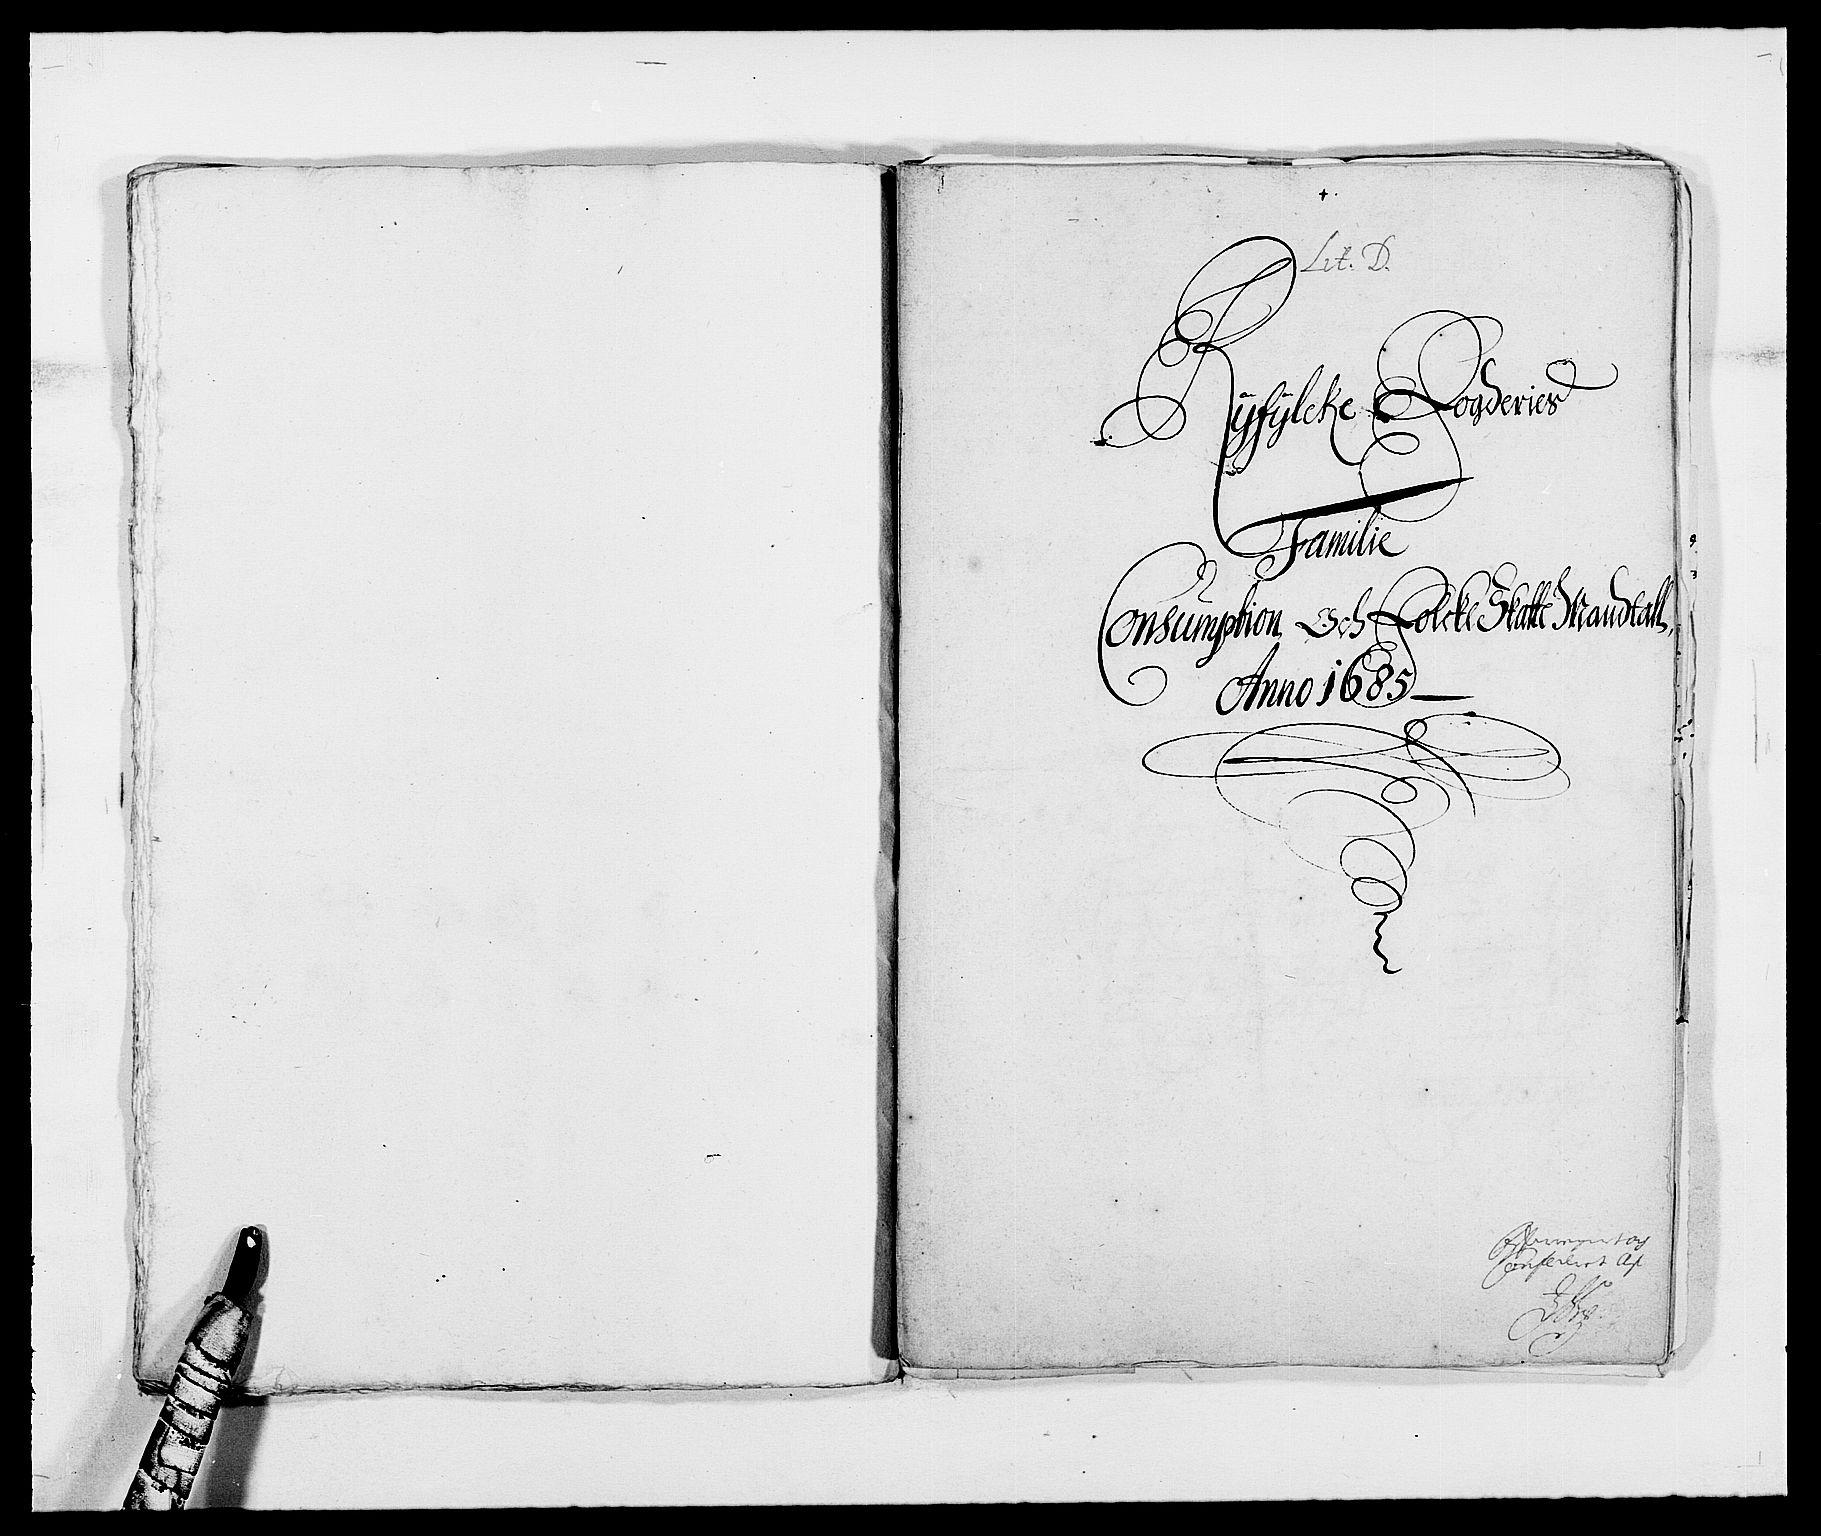 RA, Rentekammeret inntil 1814, Reviderte regnskaper, Fogderegnskap, R47/L2855: Fogderegnskap Ryfylke, 1685-1688, s. 62